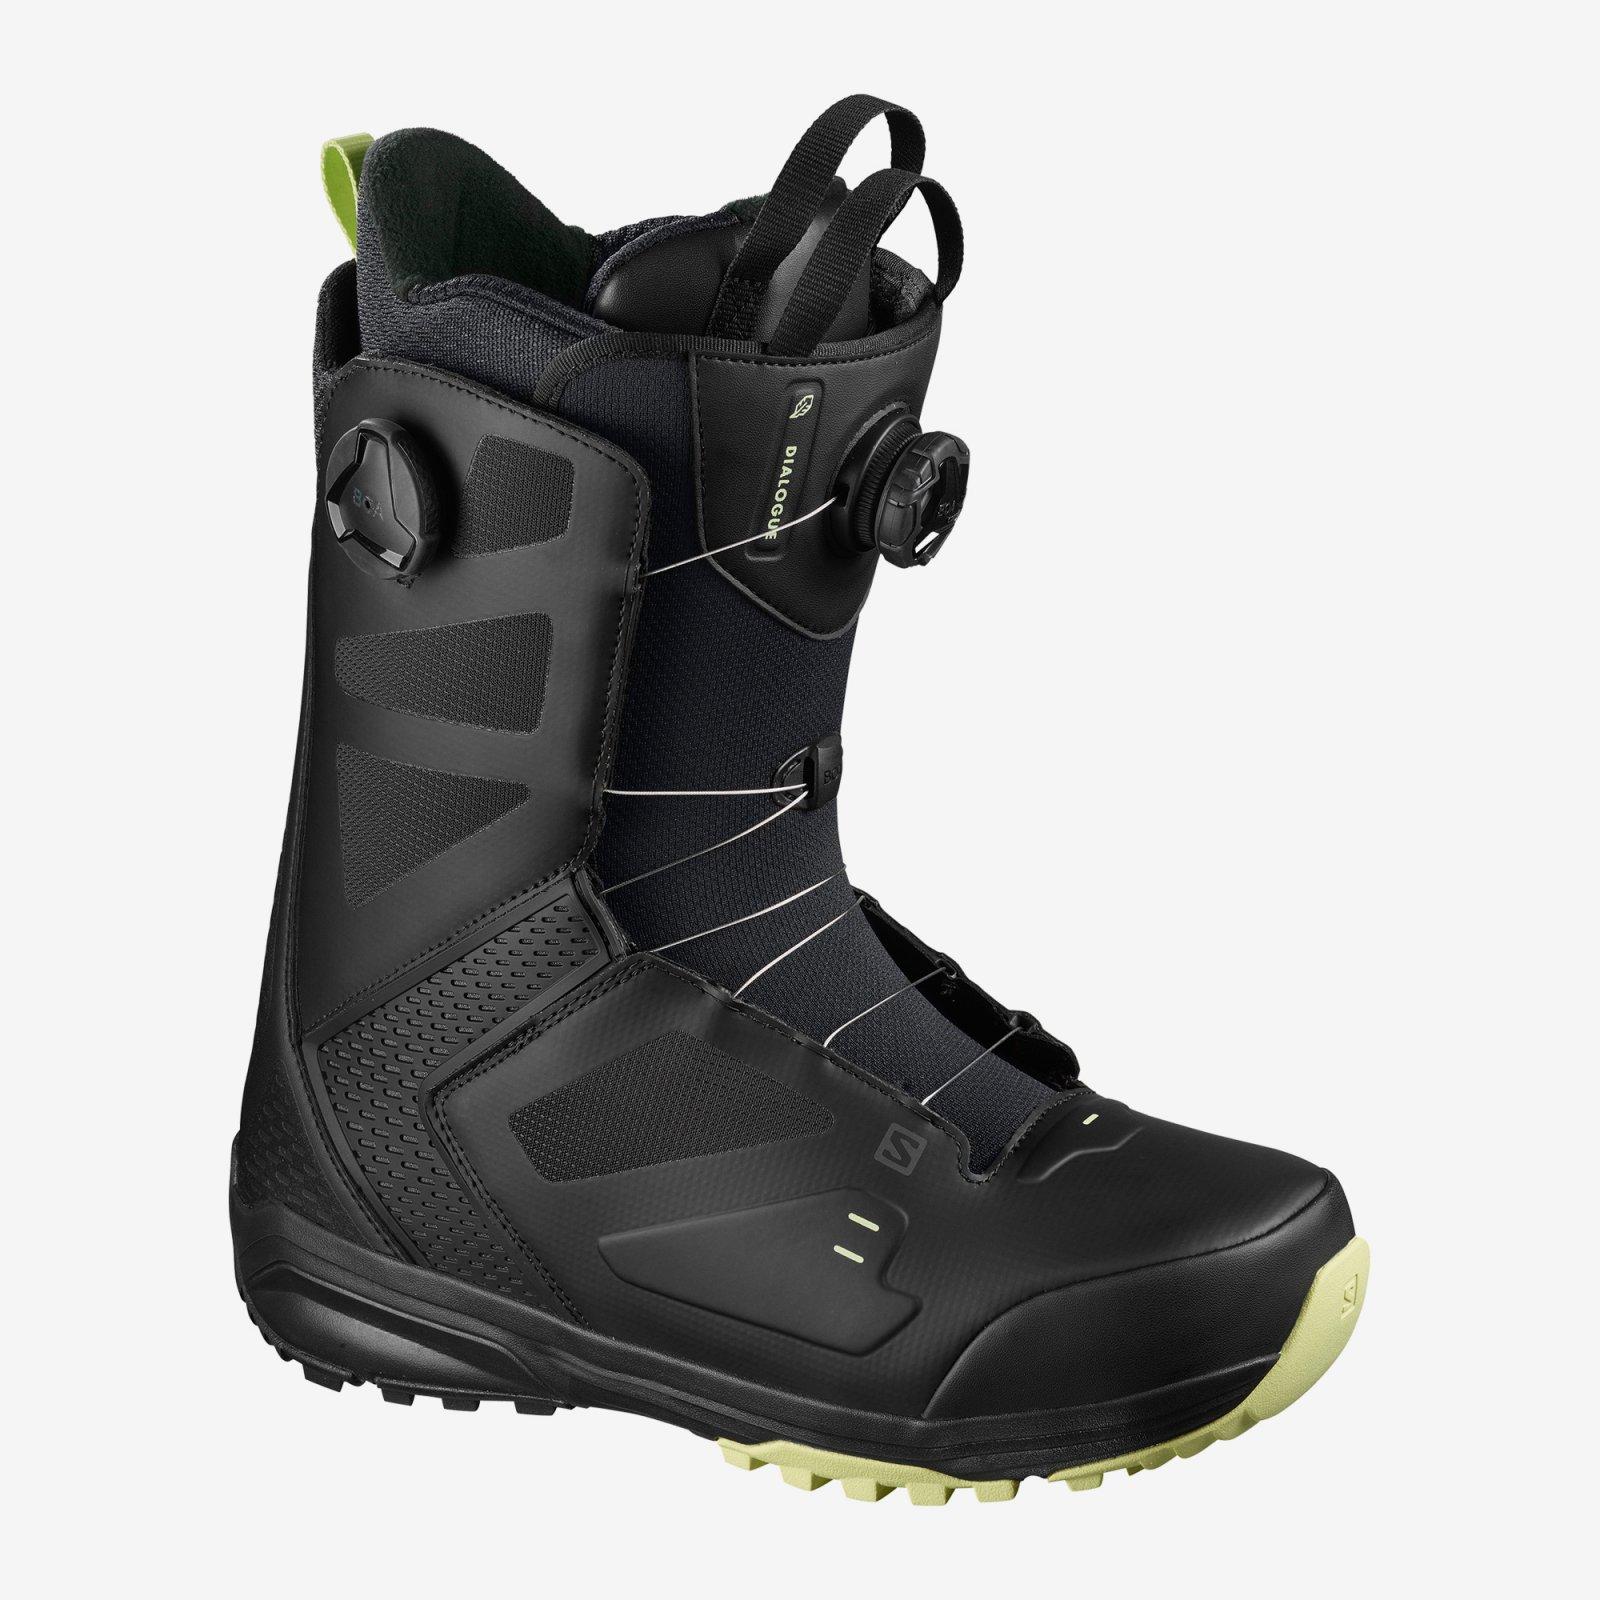 Salomon Dialogue Dual Boa Snowboard Boots 2021